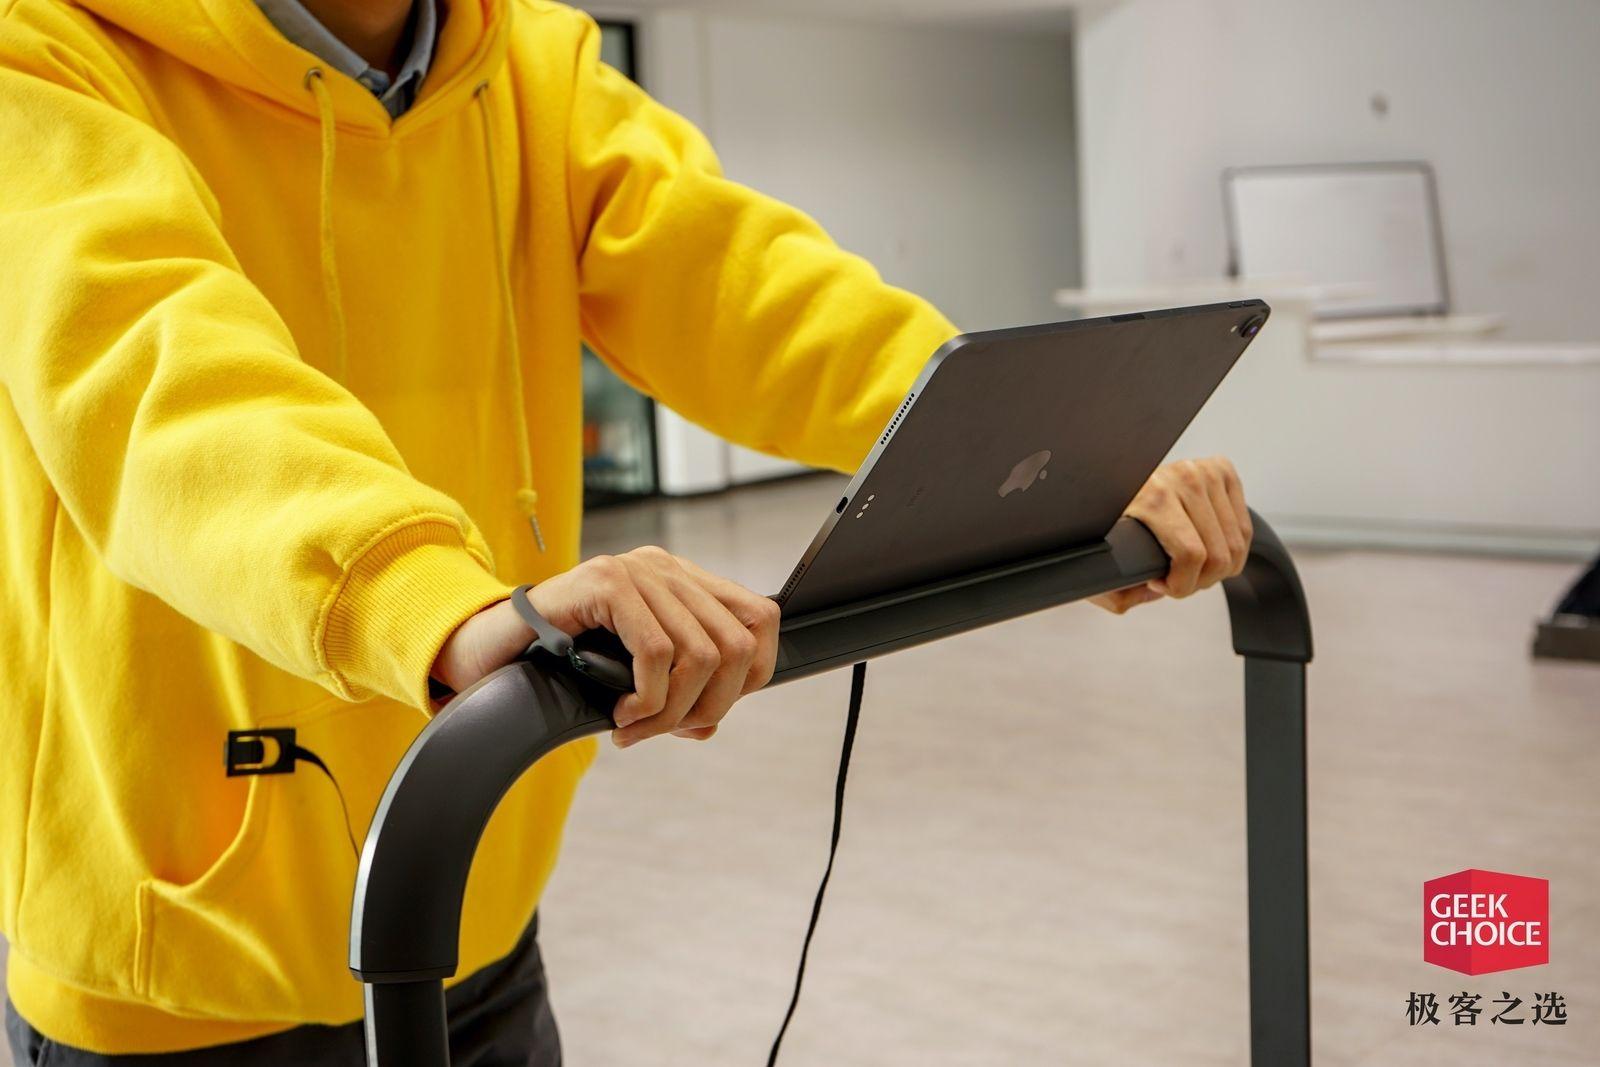 跑步、走步二合一,这款可折叠的跑步机让你随时在家健身